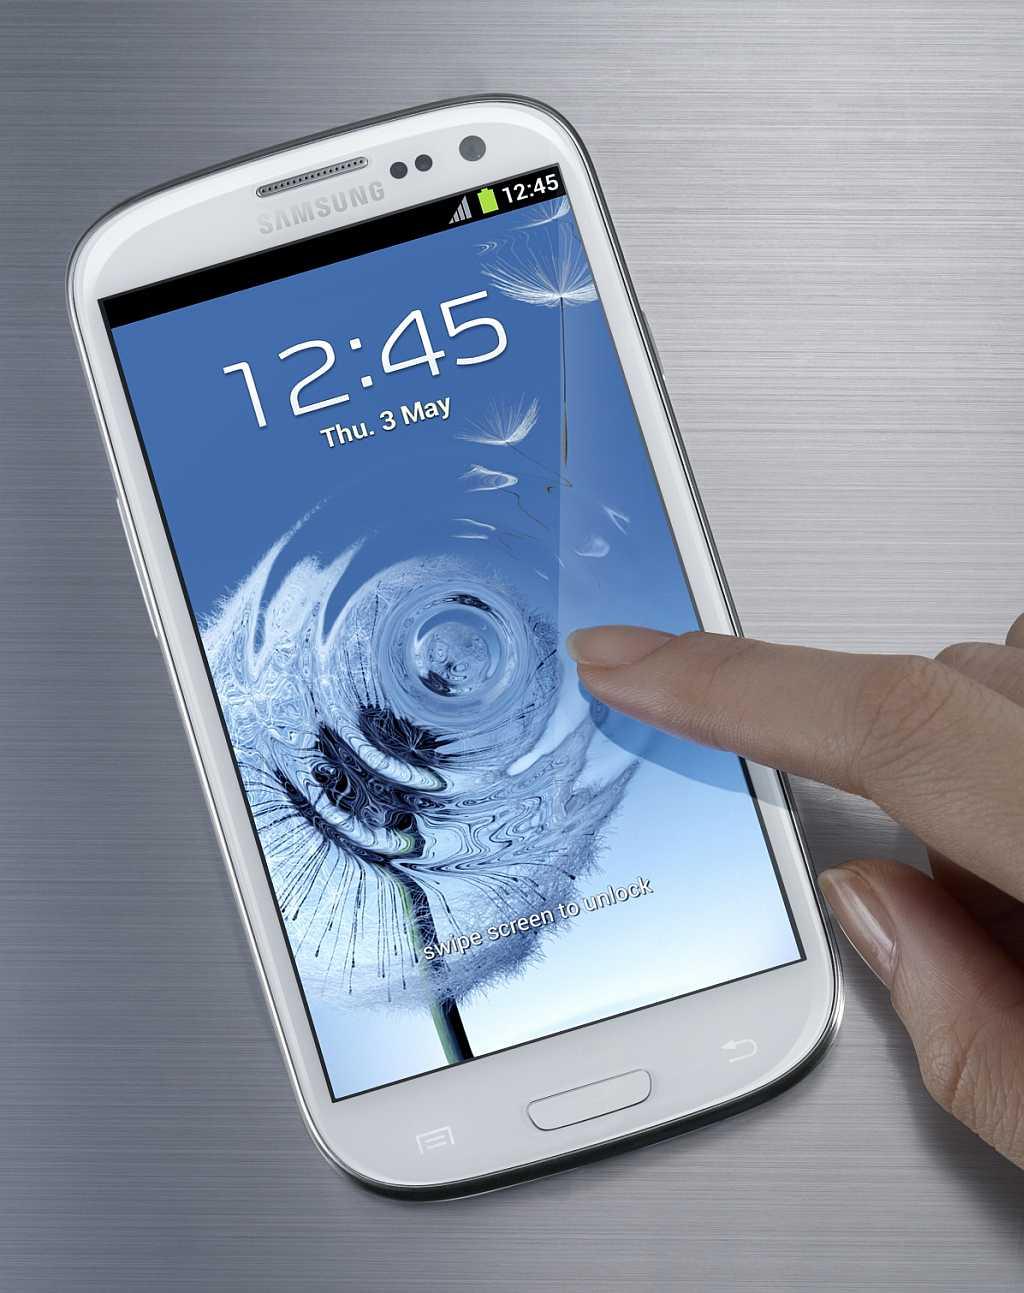 Samsung-GALAXY-S-III